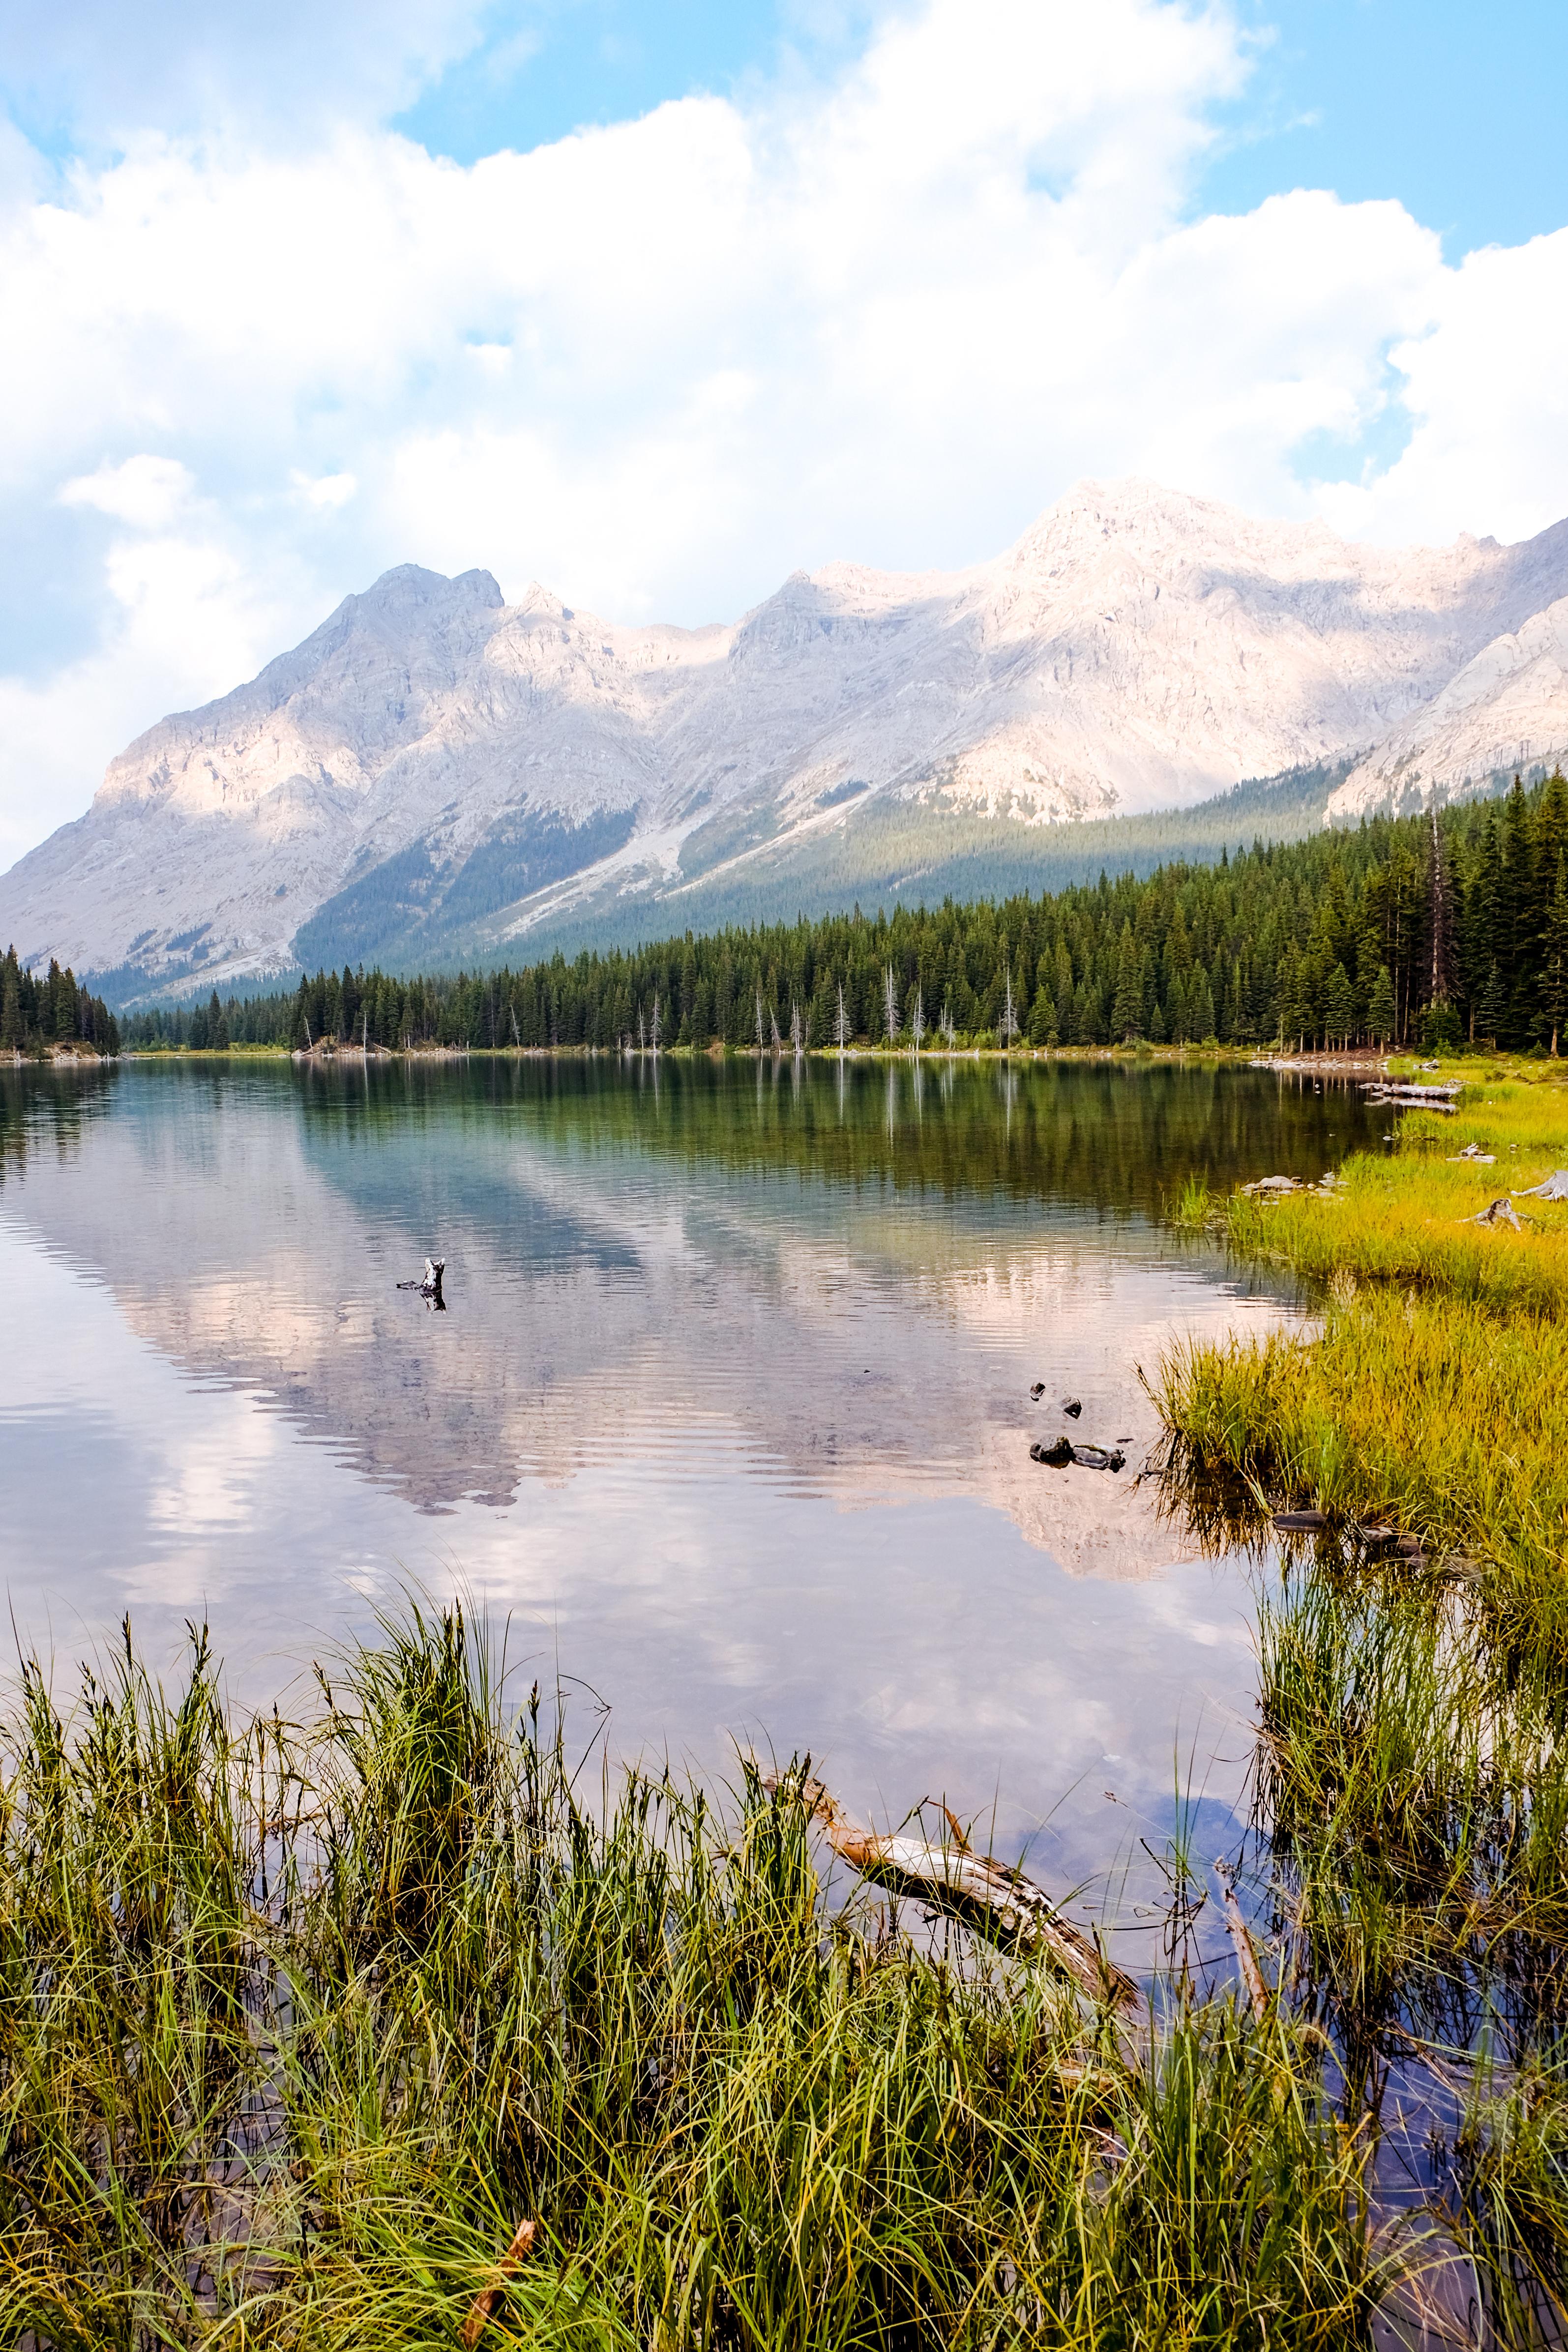 Kananaski Country, Alberta